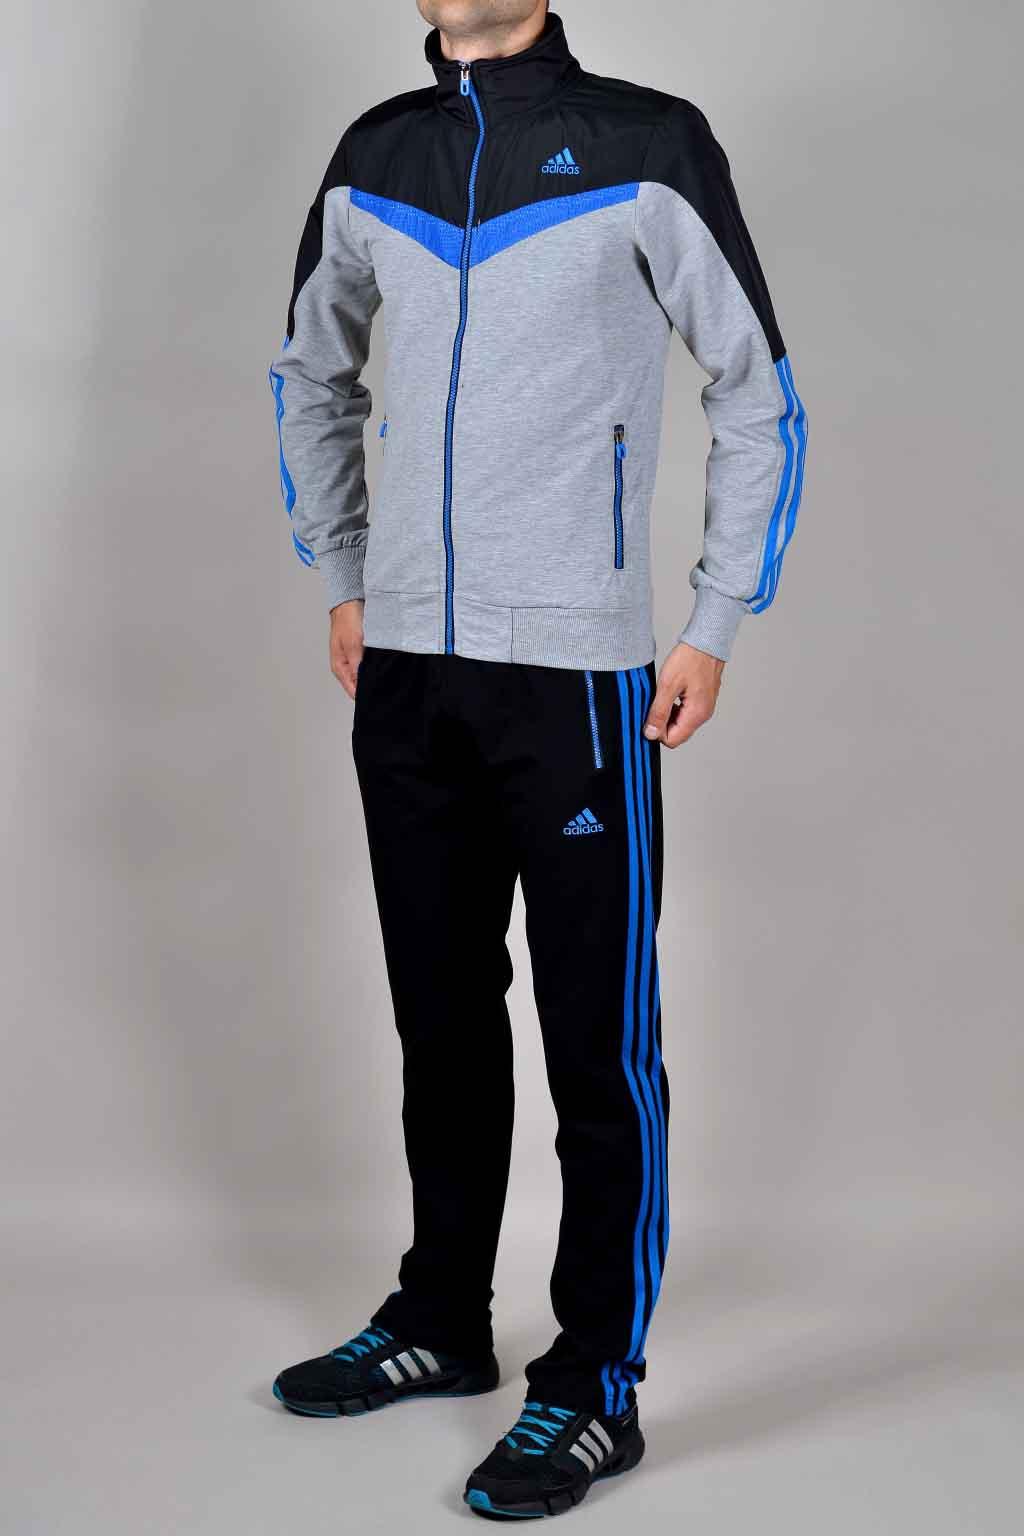 127bc673 Спортивный костюм Adidas · Спортивный костюм Adidas · Спортивная одежда; Спортивные  костюмы